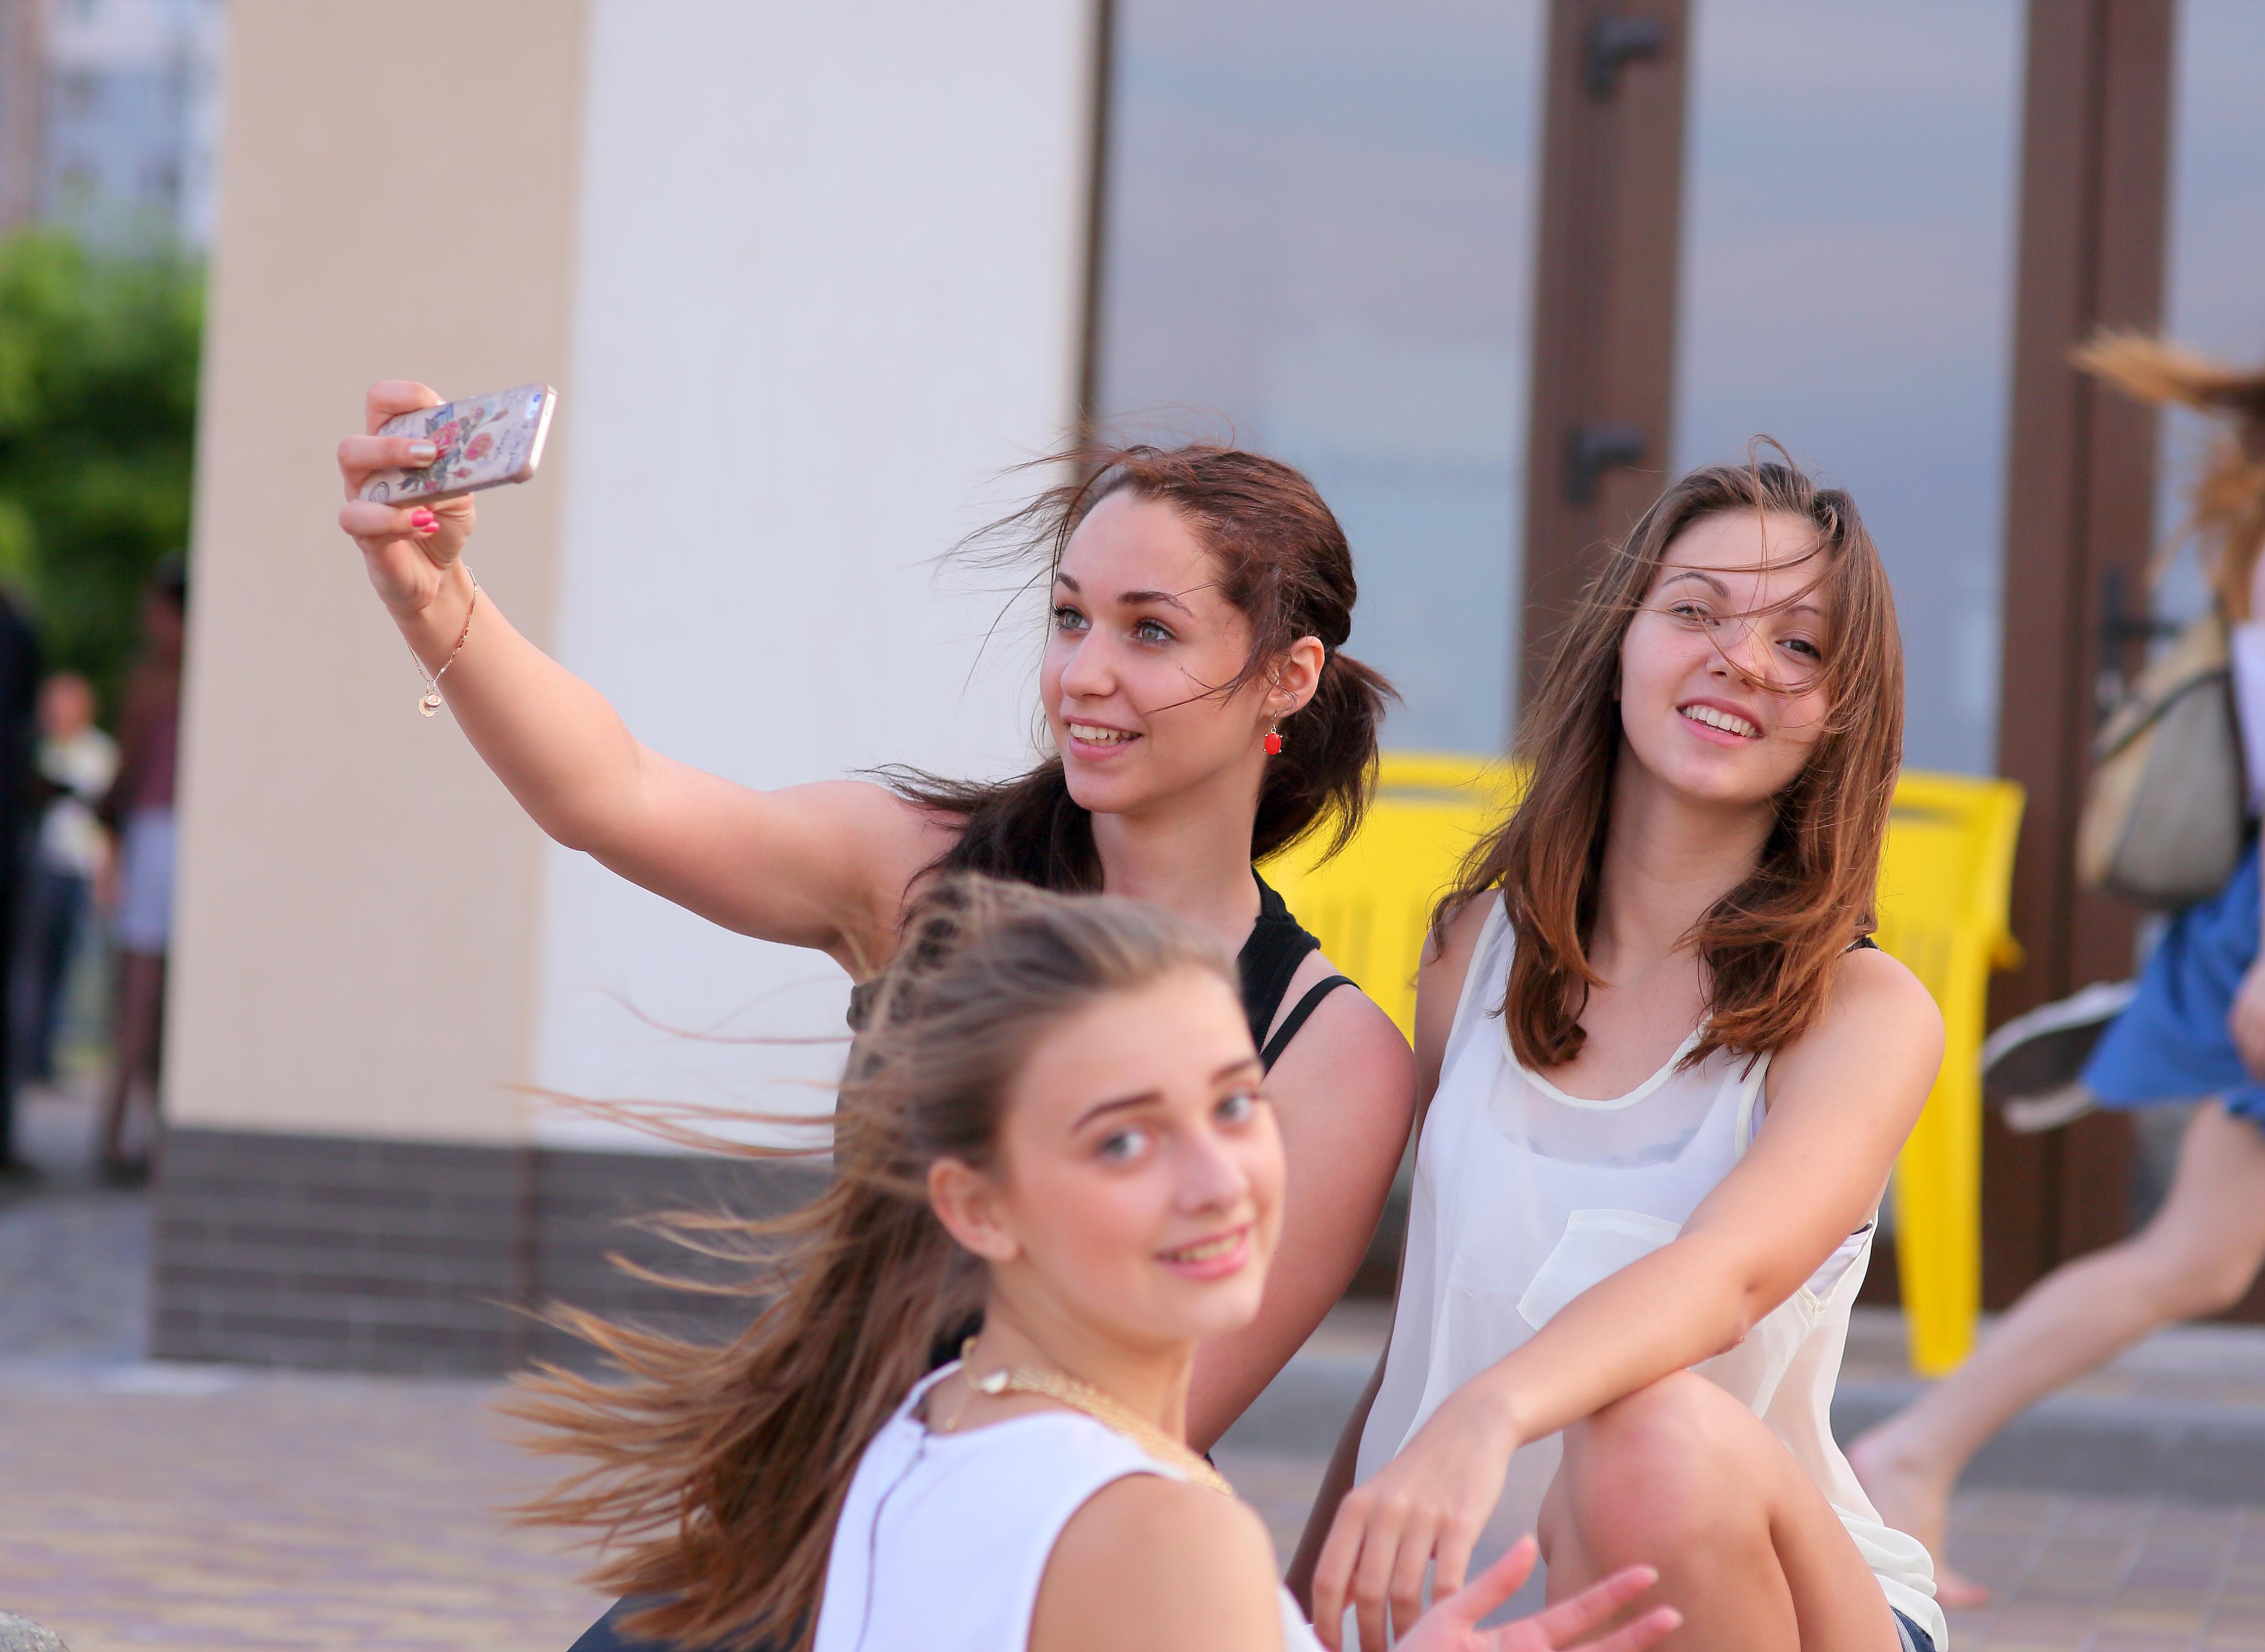 Selfie de chicas bellas - 4412x3218